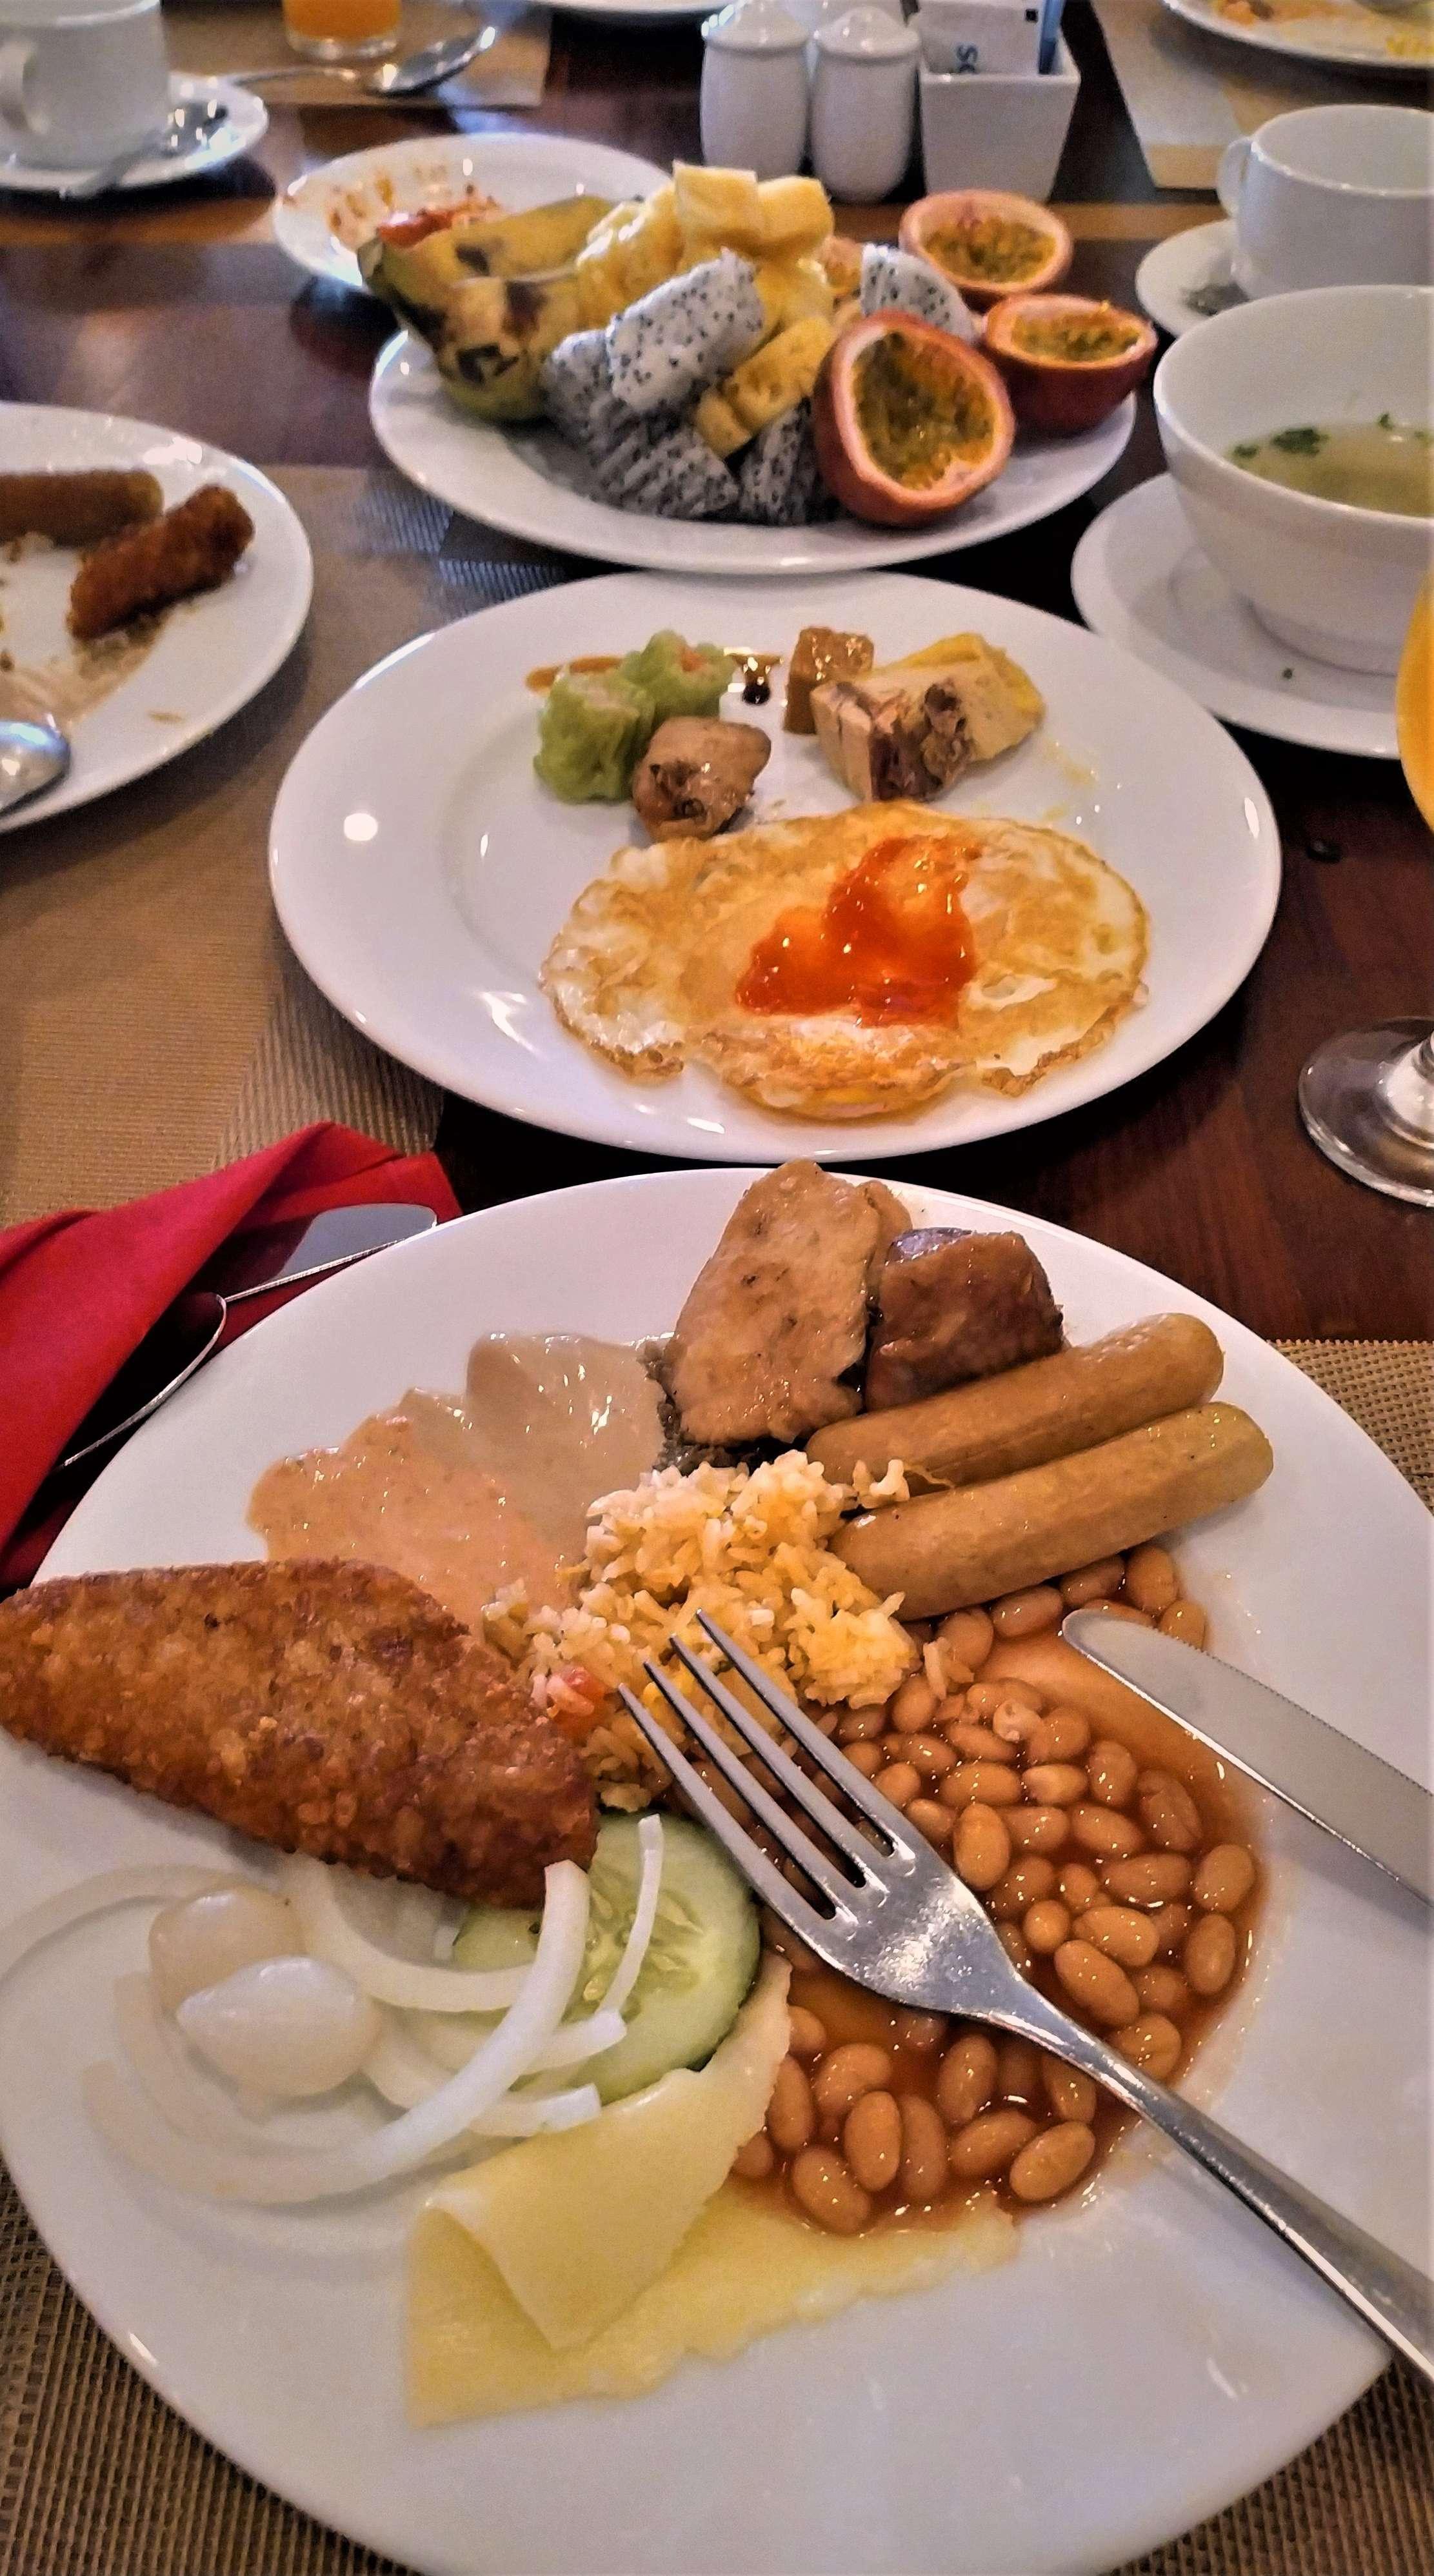 Гости Камбоджи из Старого света могут найти и вполне себе европейскую еду. Например, сосиски, картофельные крокеты, привычный сыр, соус бешамель, омлеты, отварную курятину, и т.д.